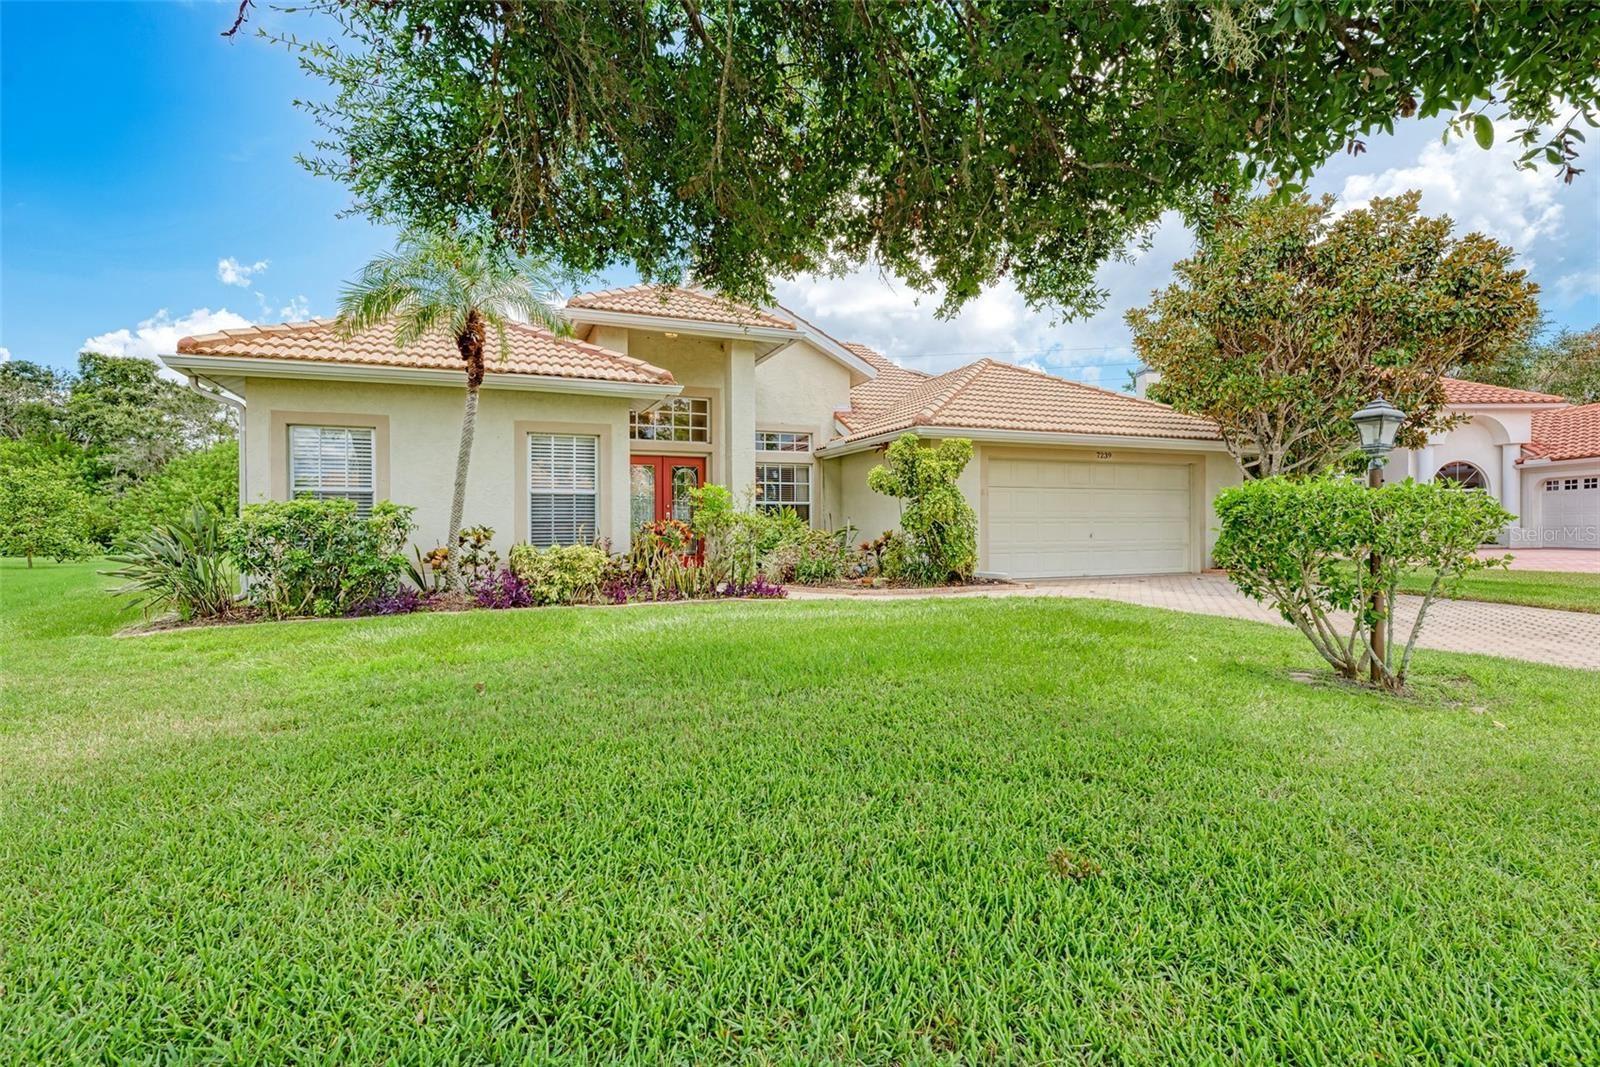 7239 39TH LANE E, Sarasota, FL 34243 - #: A4508115